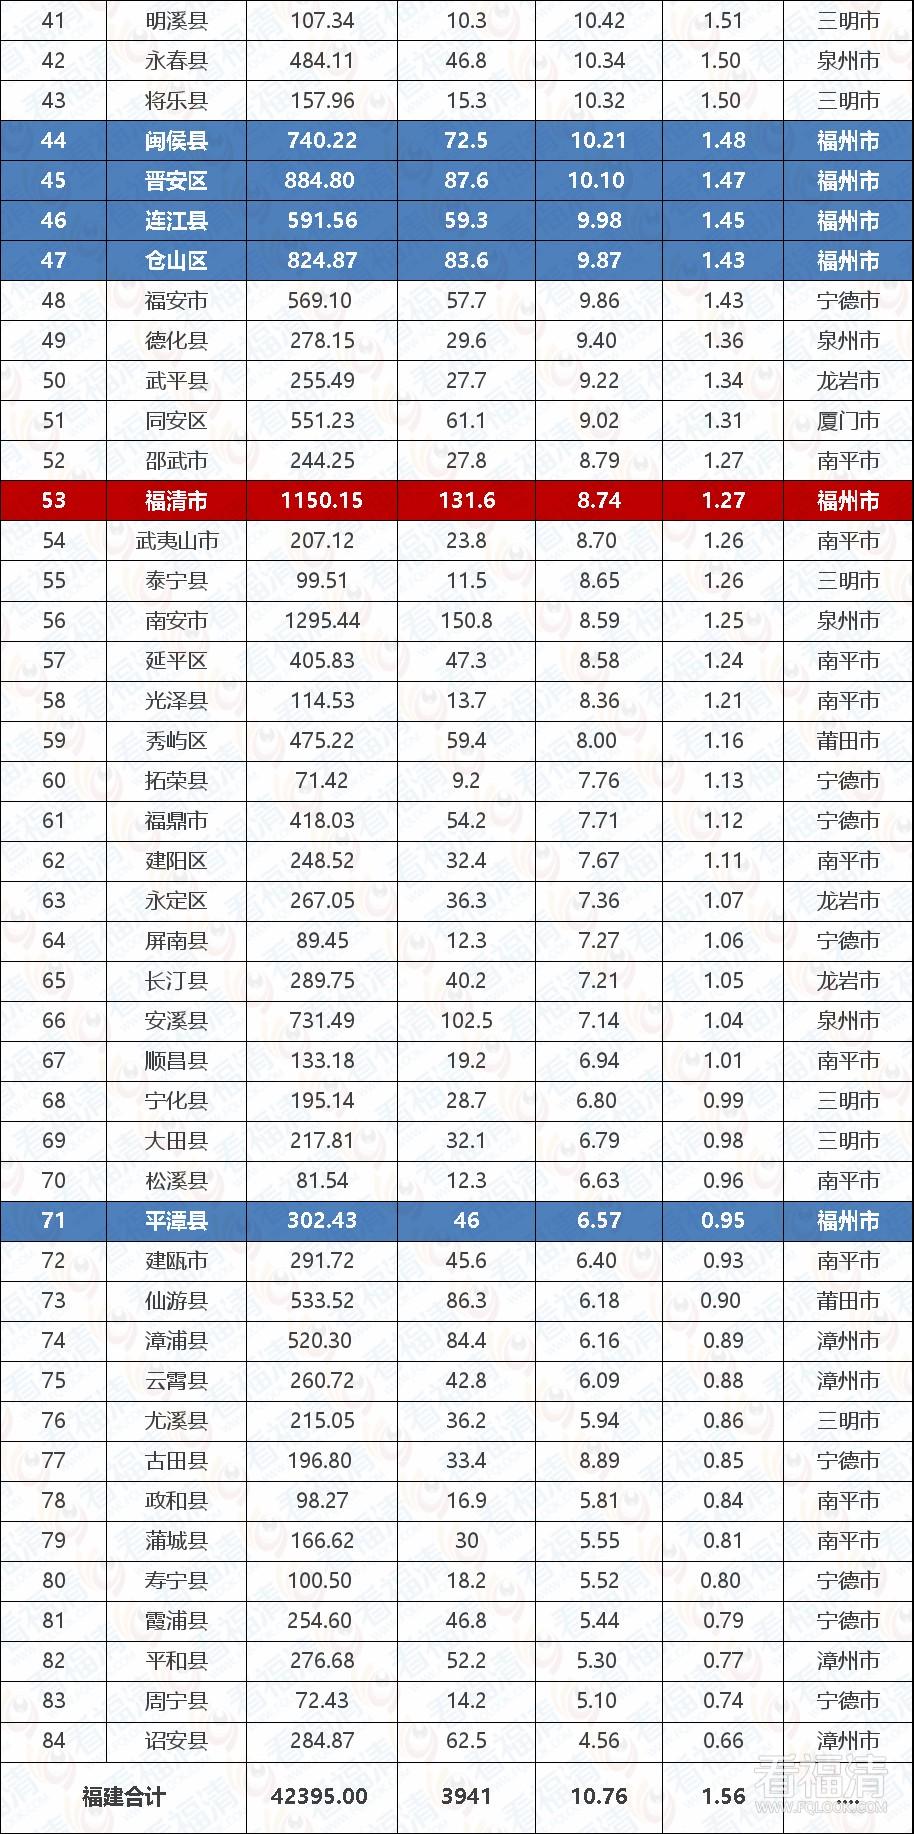 2020福建各县市gdp排名_福建社会治安排名